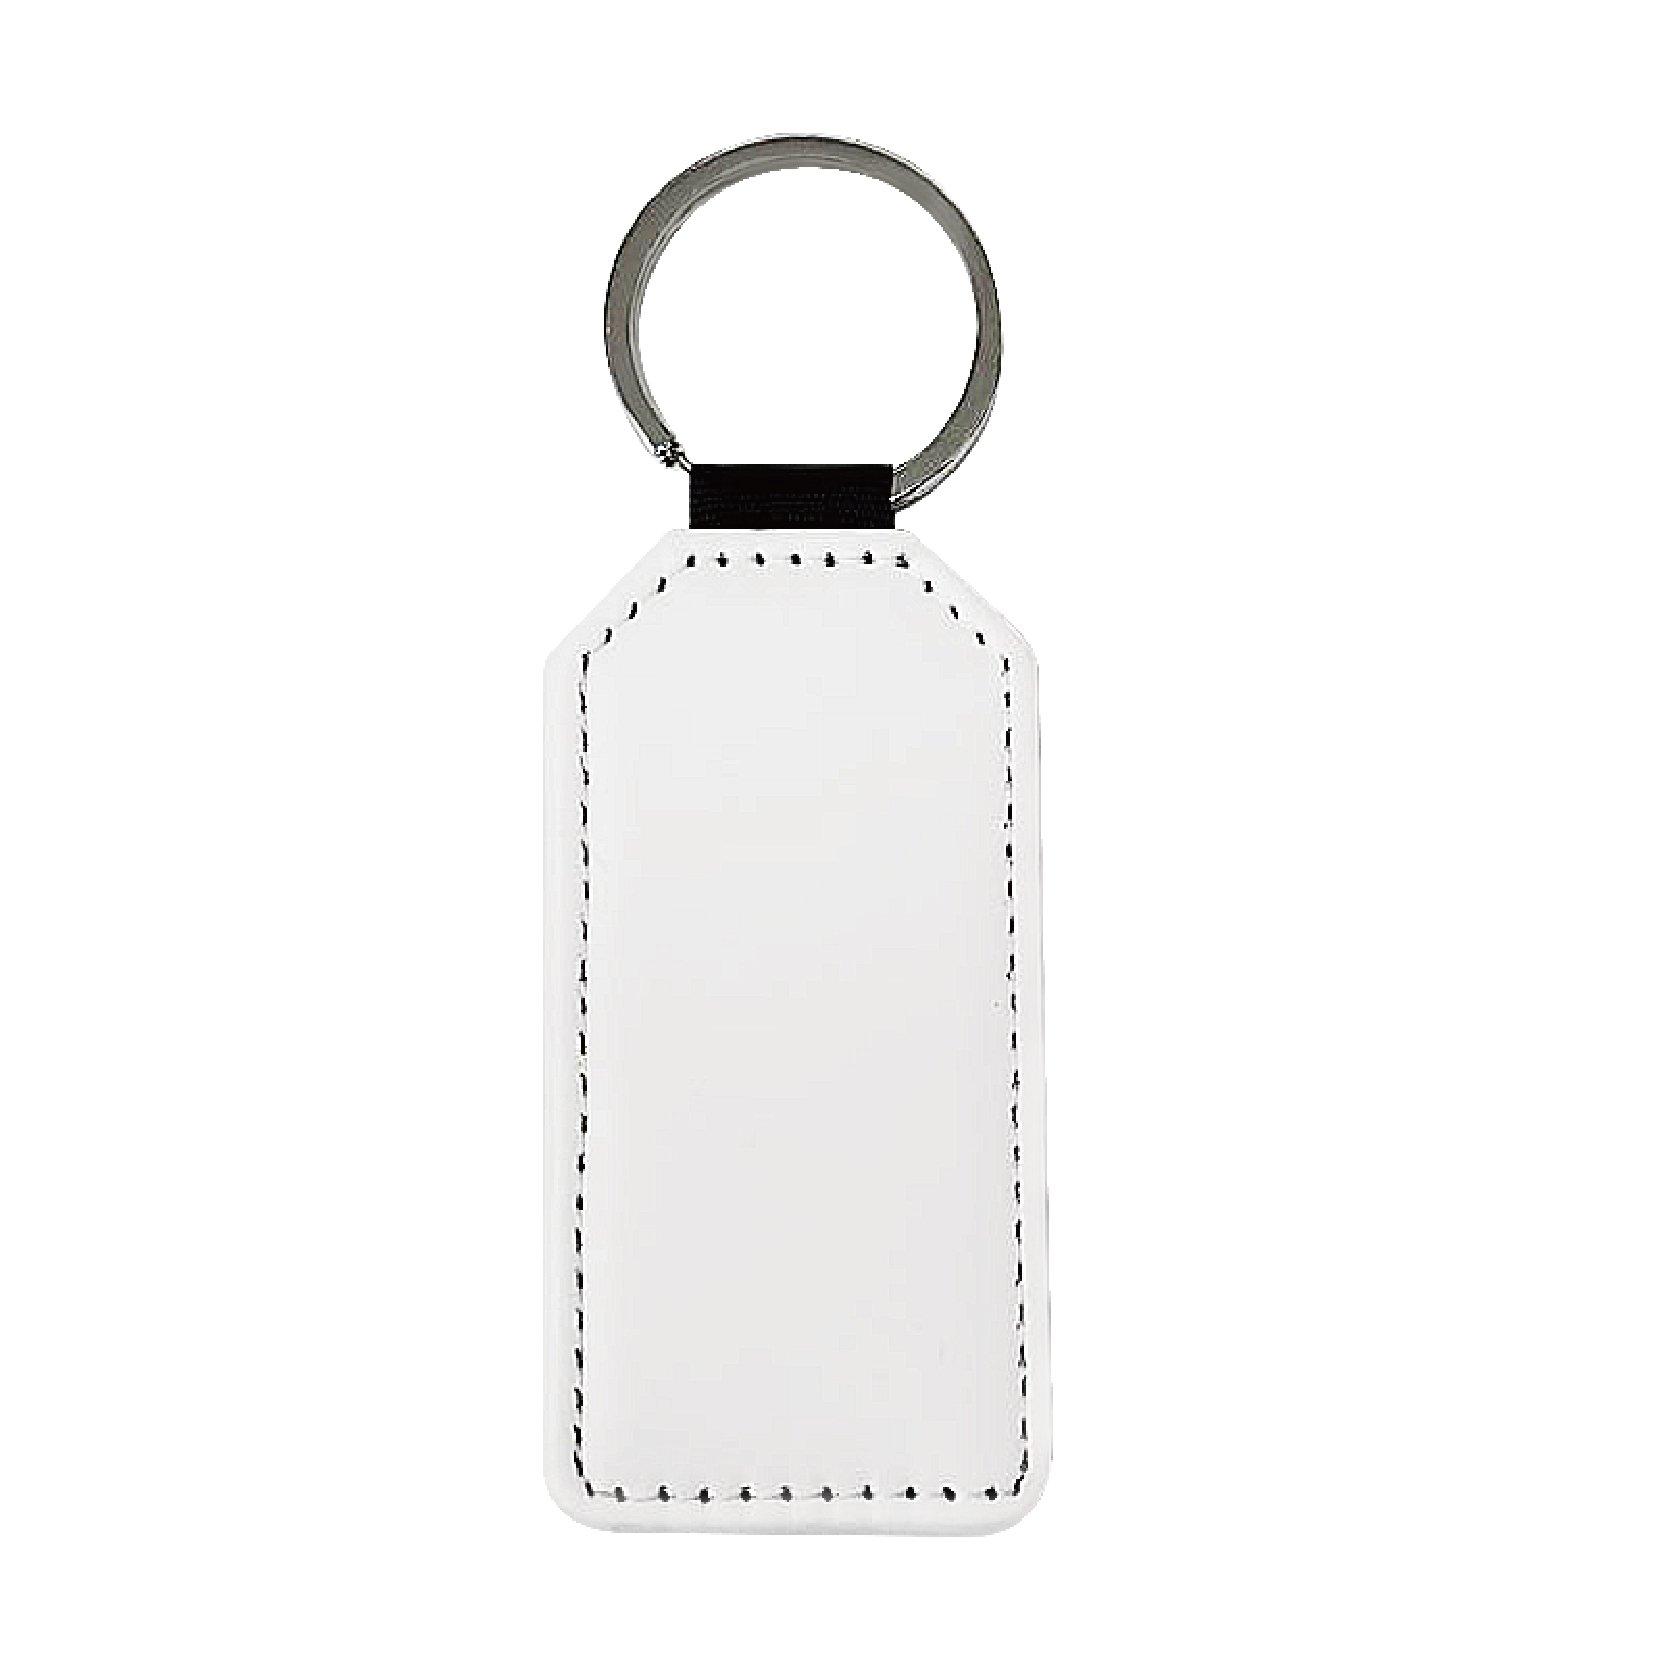 熱轉印皮革鑰匙圈(10入)